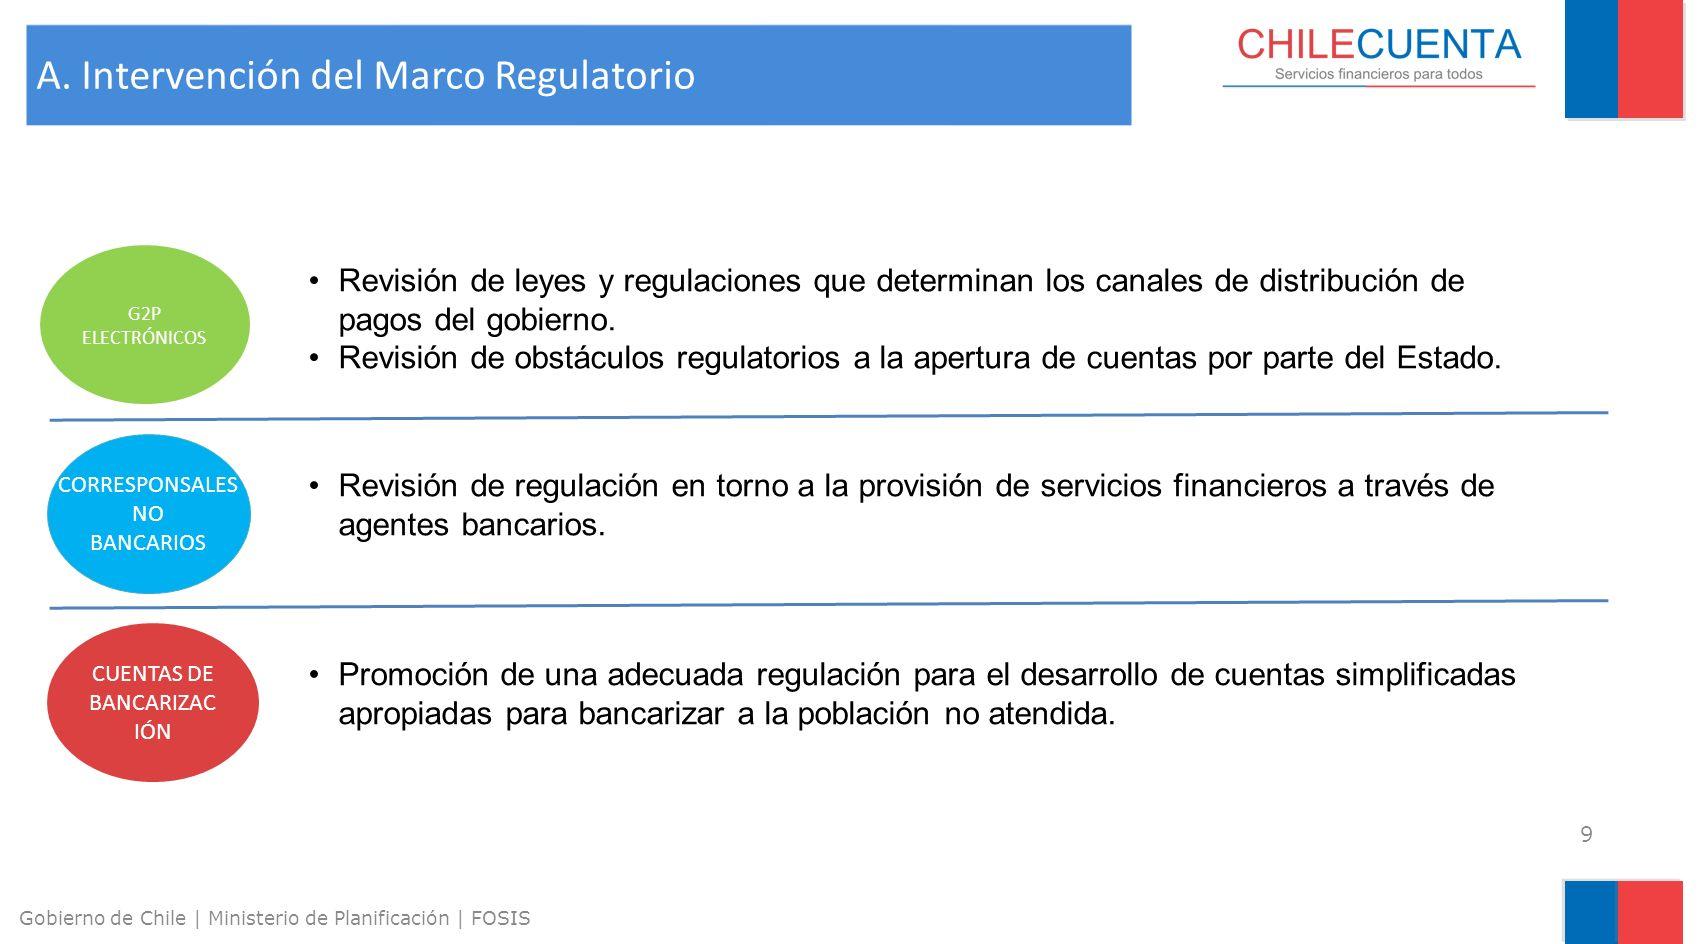 9 Gobierno de Chile | Ministerio de Planificación | FOSIS CUENTAS DE BANCARIZAC IÓN CORRESPONSALES NO BANCARIOS G2P ELECTRÓNICOS Revisión de leyes y r